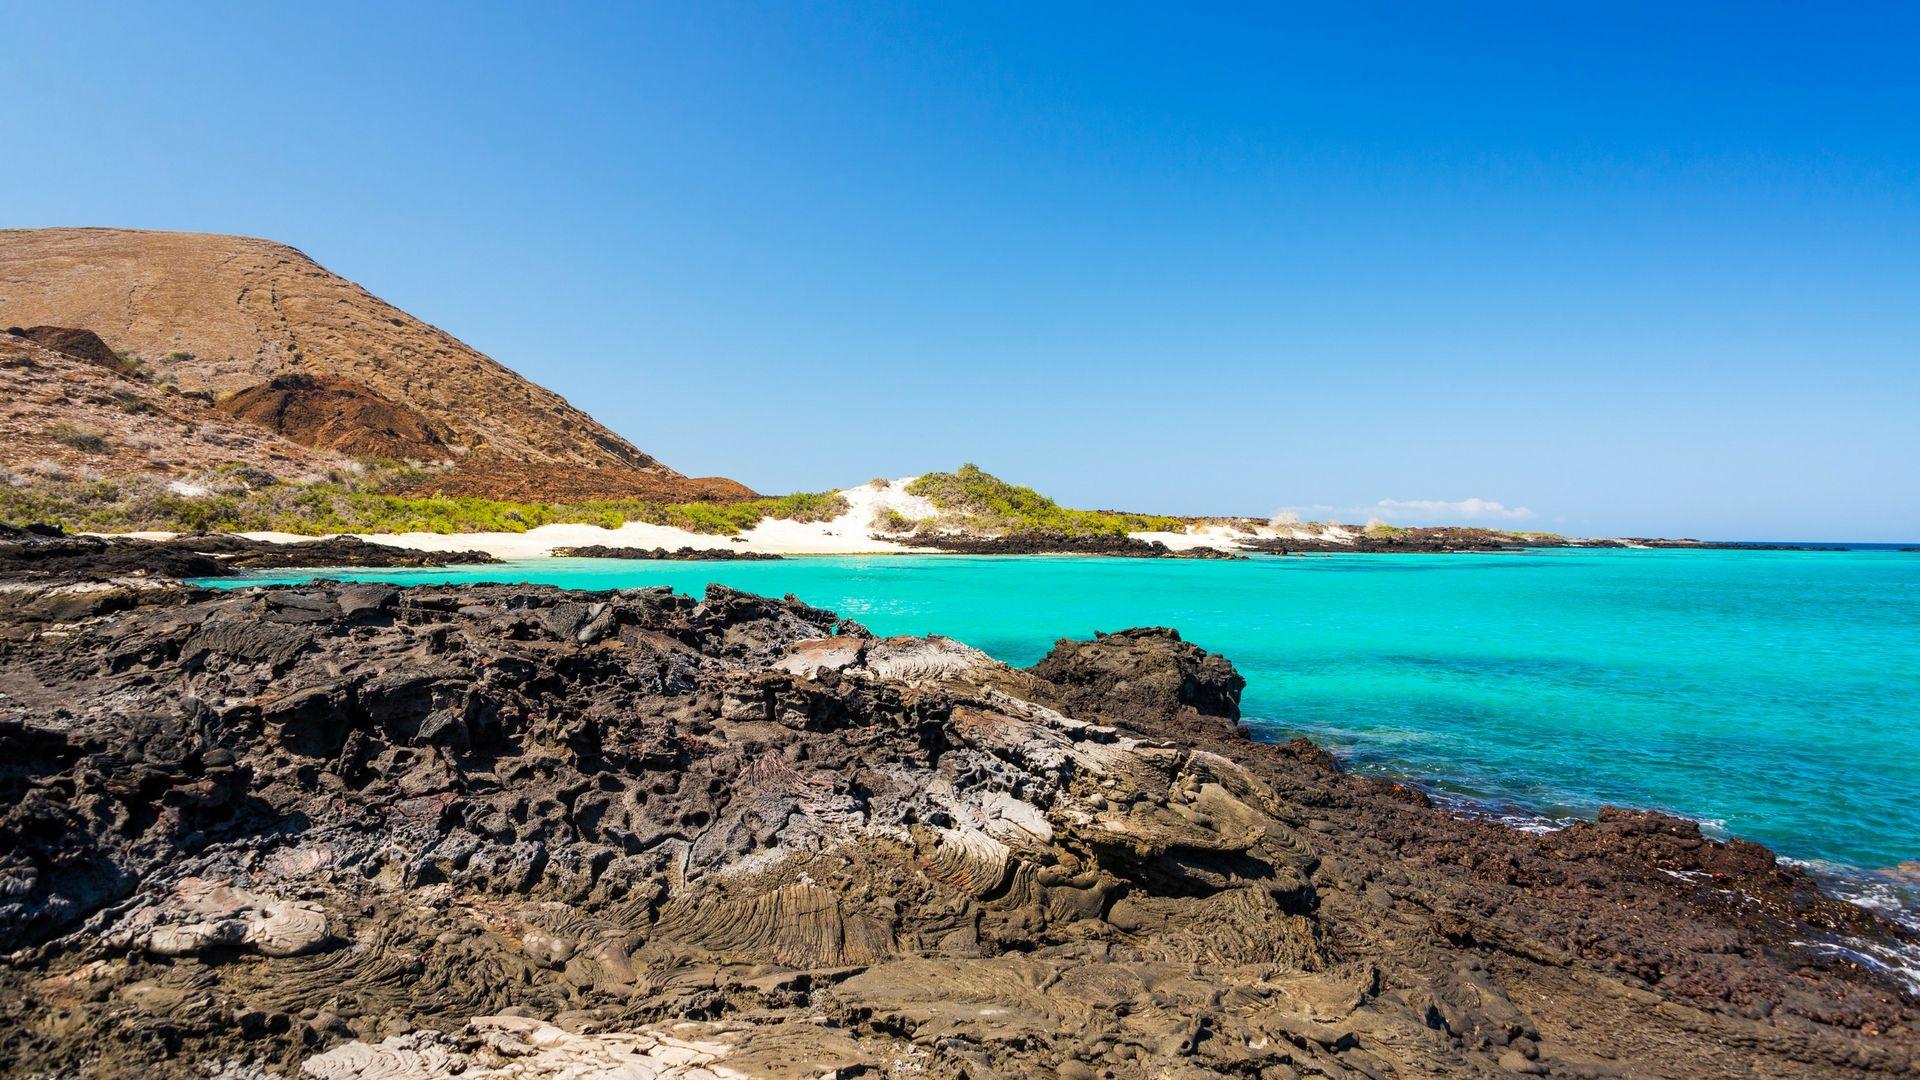 Ikala Galapagos Hotel Luxury Hotel In Galapagos Islands